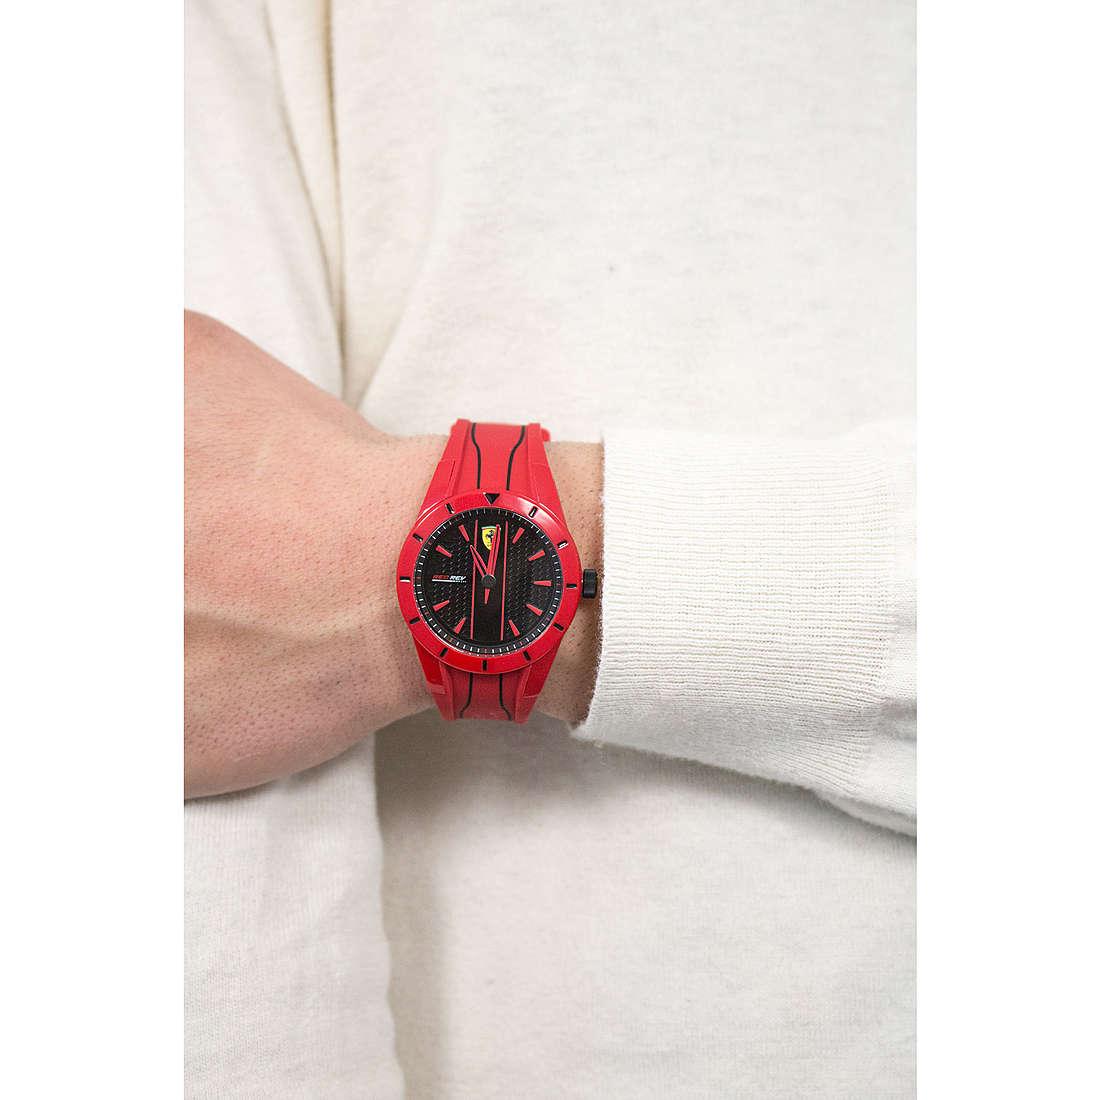 Uhr Nur Zeit Mann Scuderia Ferrari Redrev Fer0830494 Nur Zeit Scuderia Ferrari